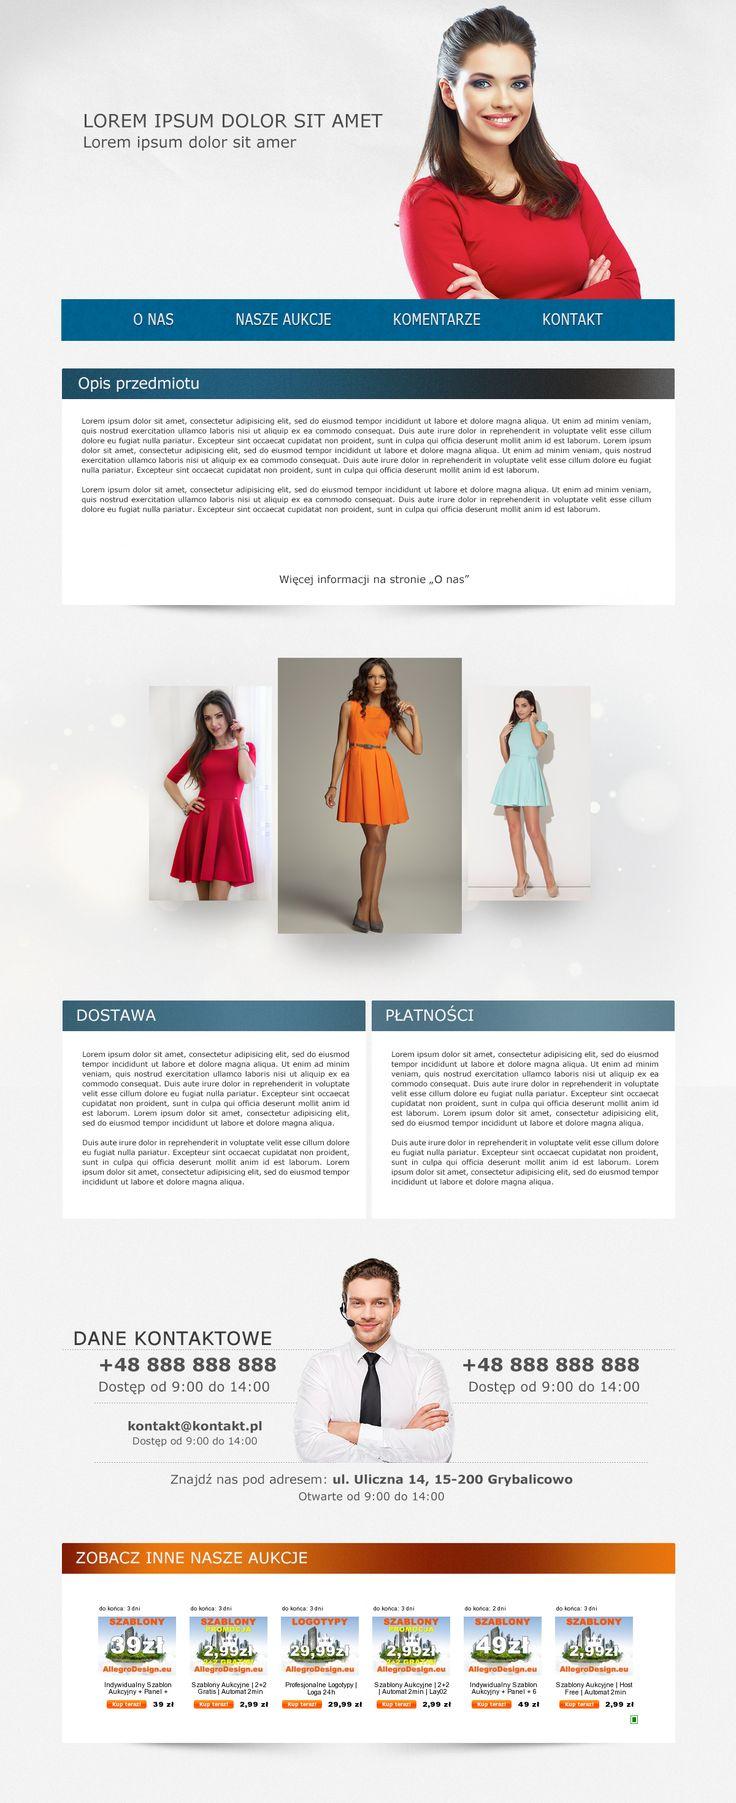 Ładny, kolorowy, choć mocno niedoceniany szablon z dziedziny damskiej odzieży. To kolejny projekt z przypadku i paru ciekawych pomysłów. #szablonallegro #sukienka #odziezdamska #allegro #allegrodesign